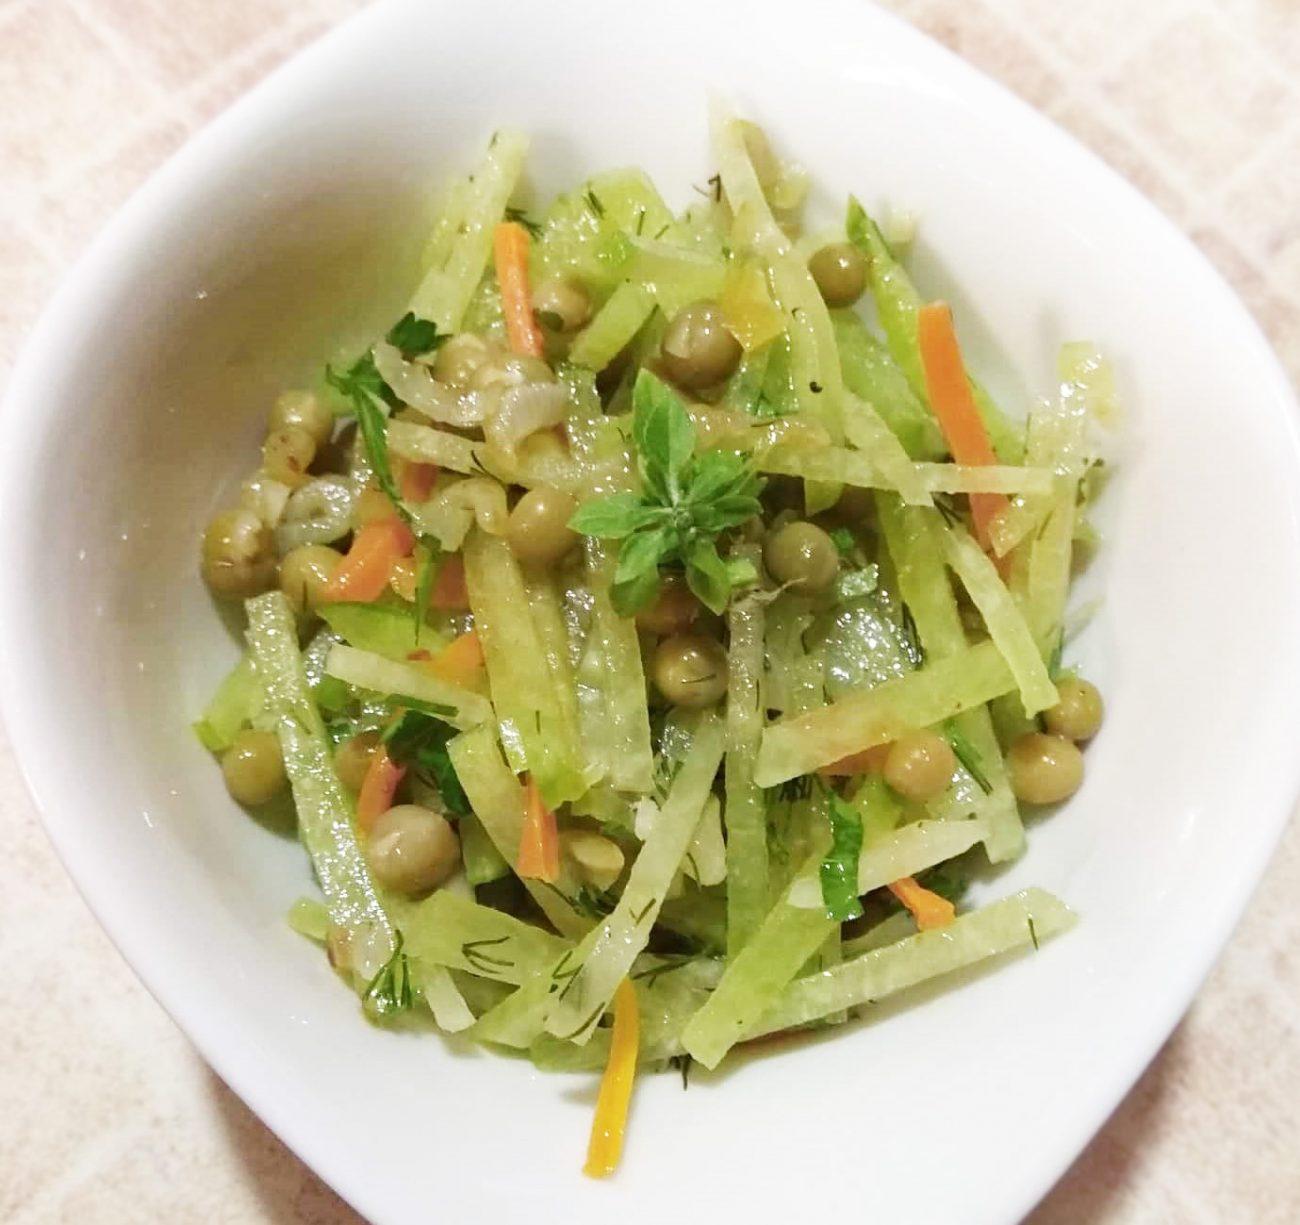 Салат из зеленой редьки и горошка